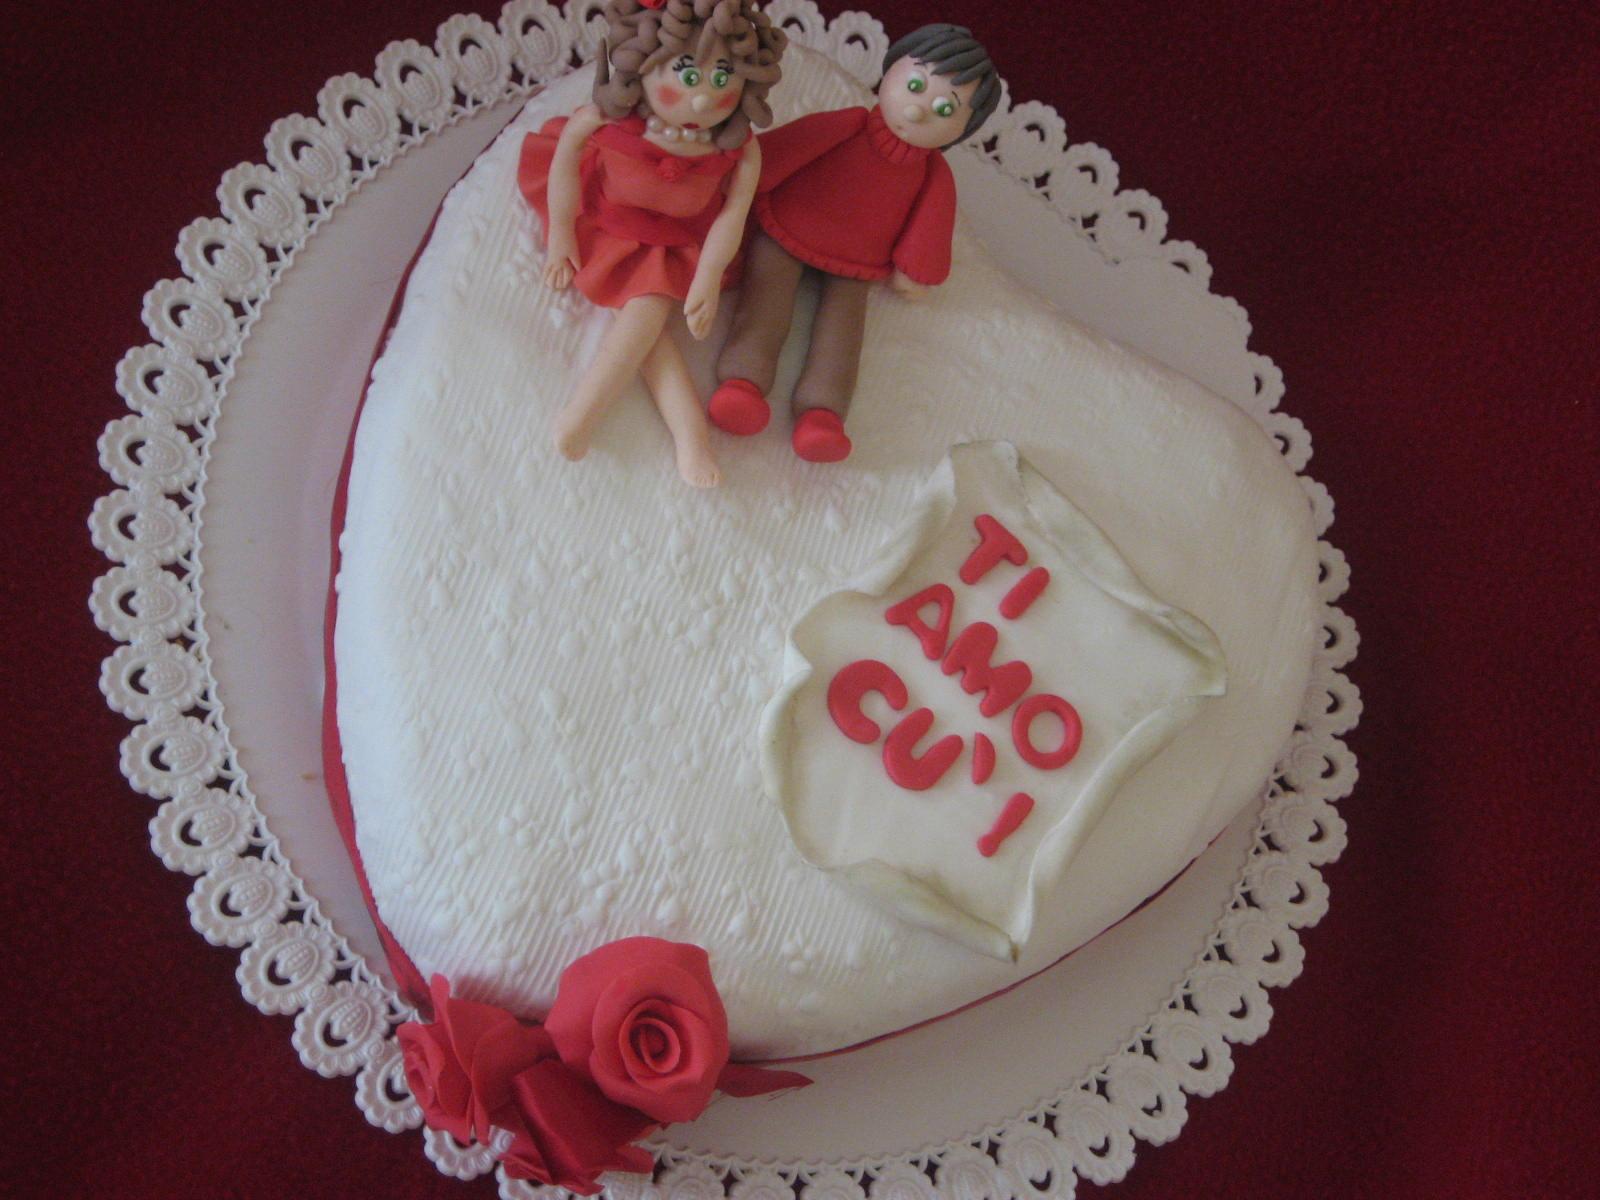 ... ,prima della consegna,la mia torta a forma di cuore...vi piace